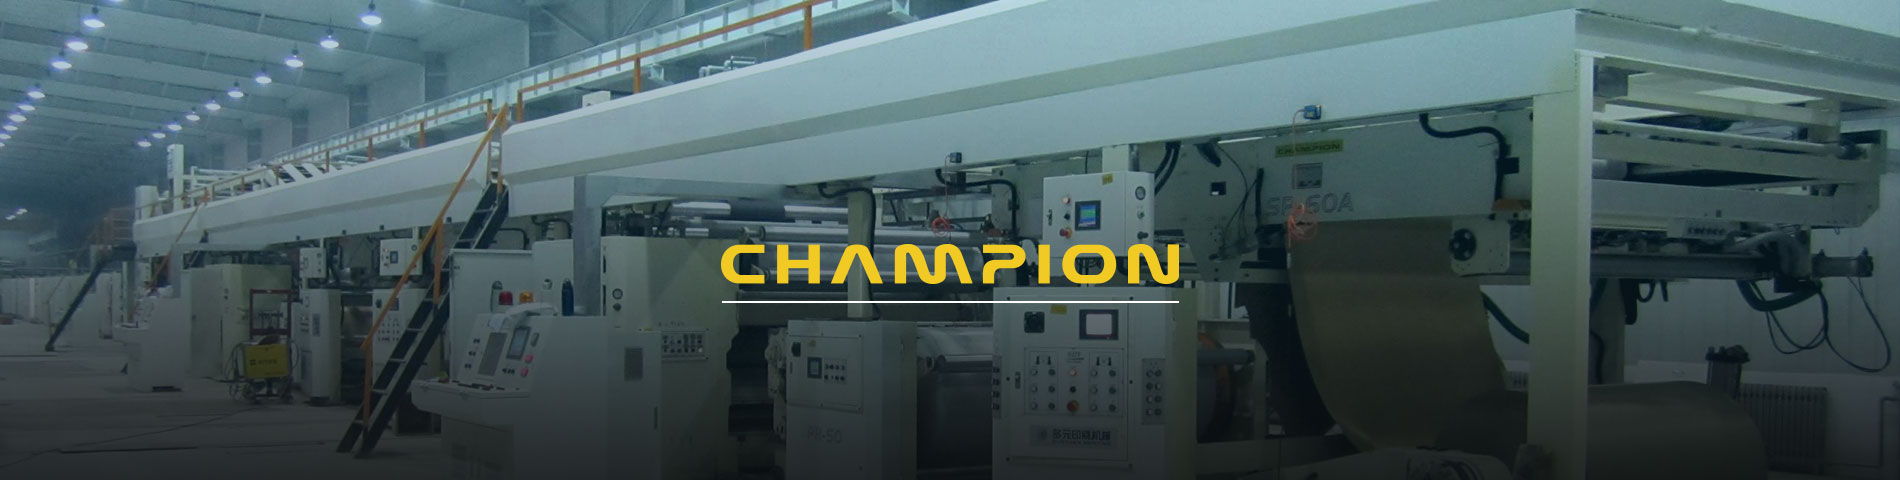 Champion Corrugated       ist ein professioneller  Hersteller von      Wellpappenausrüstung